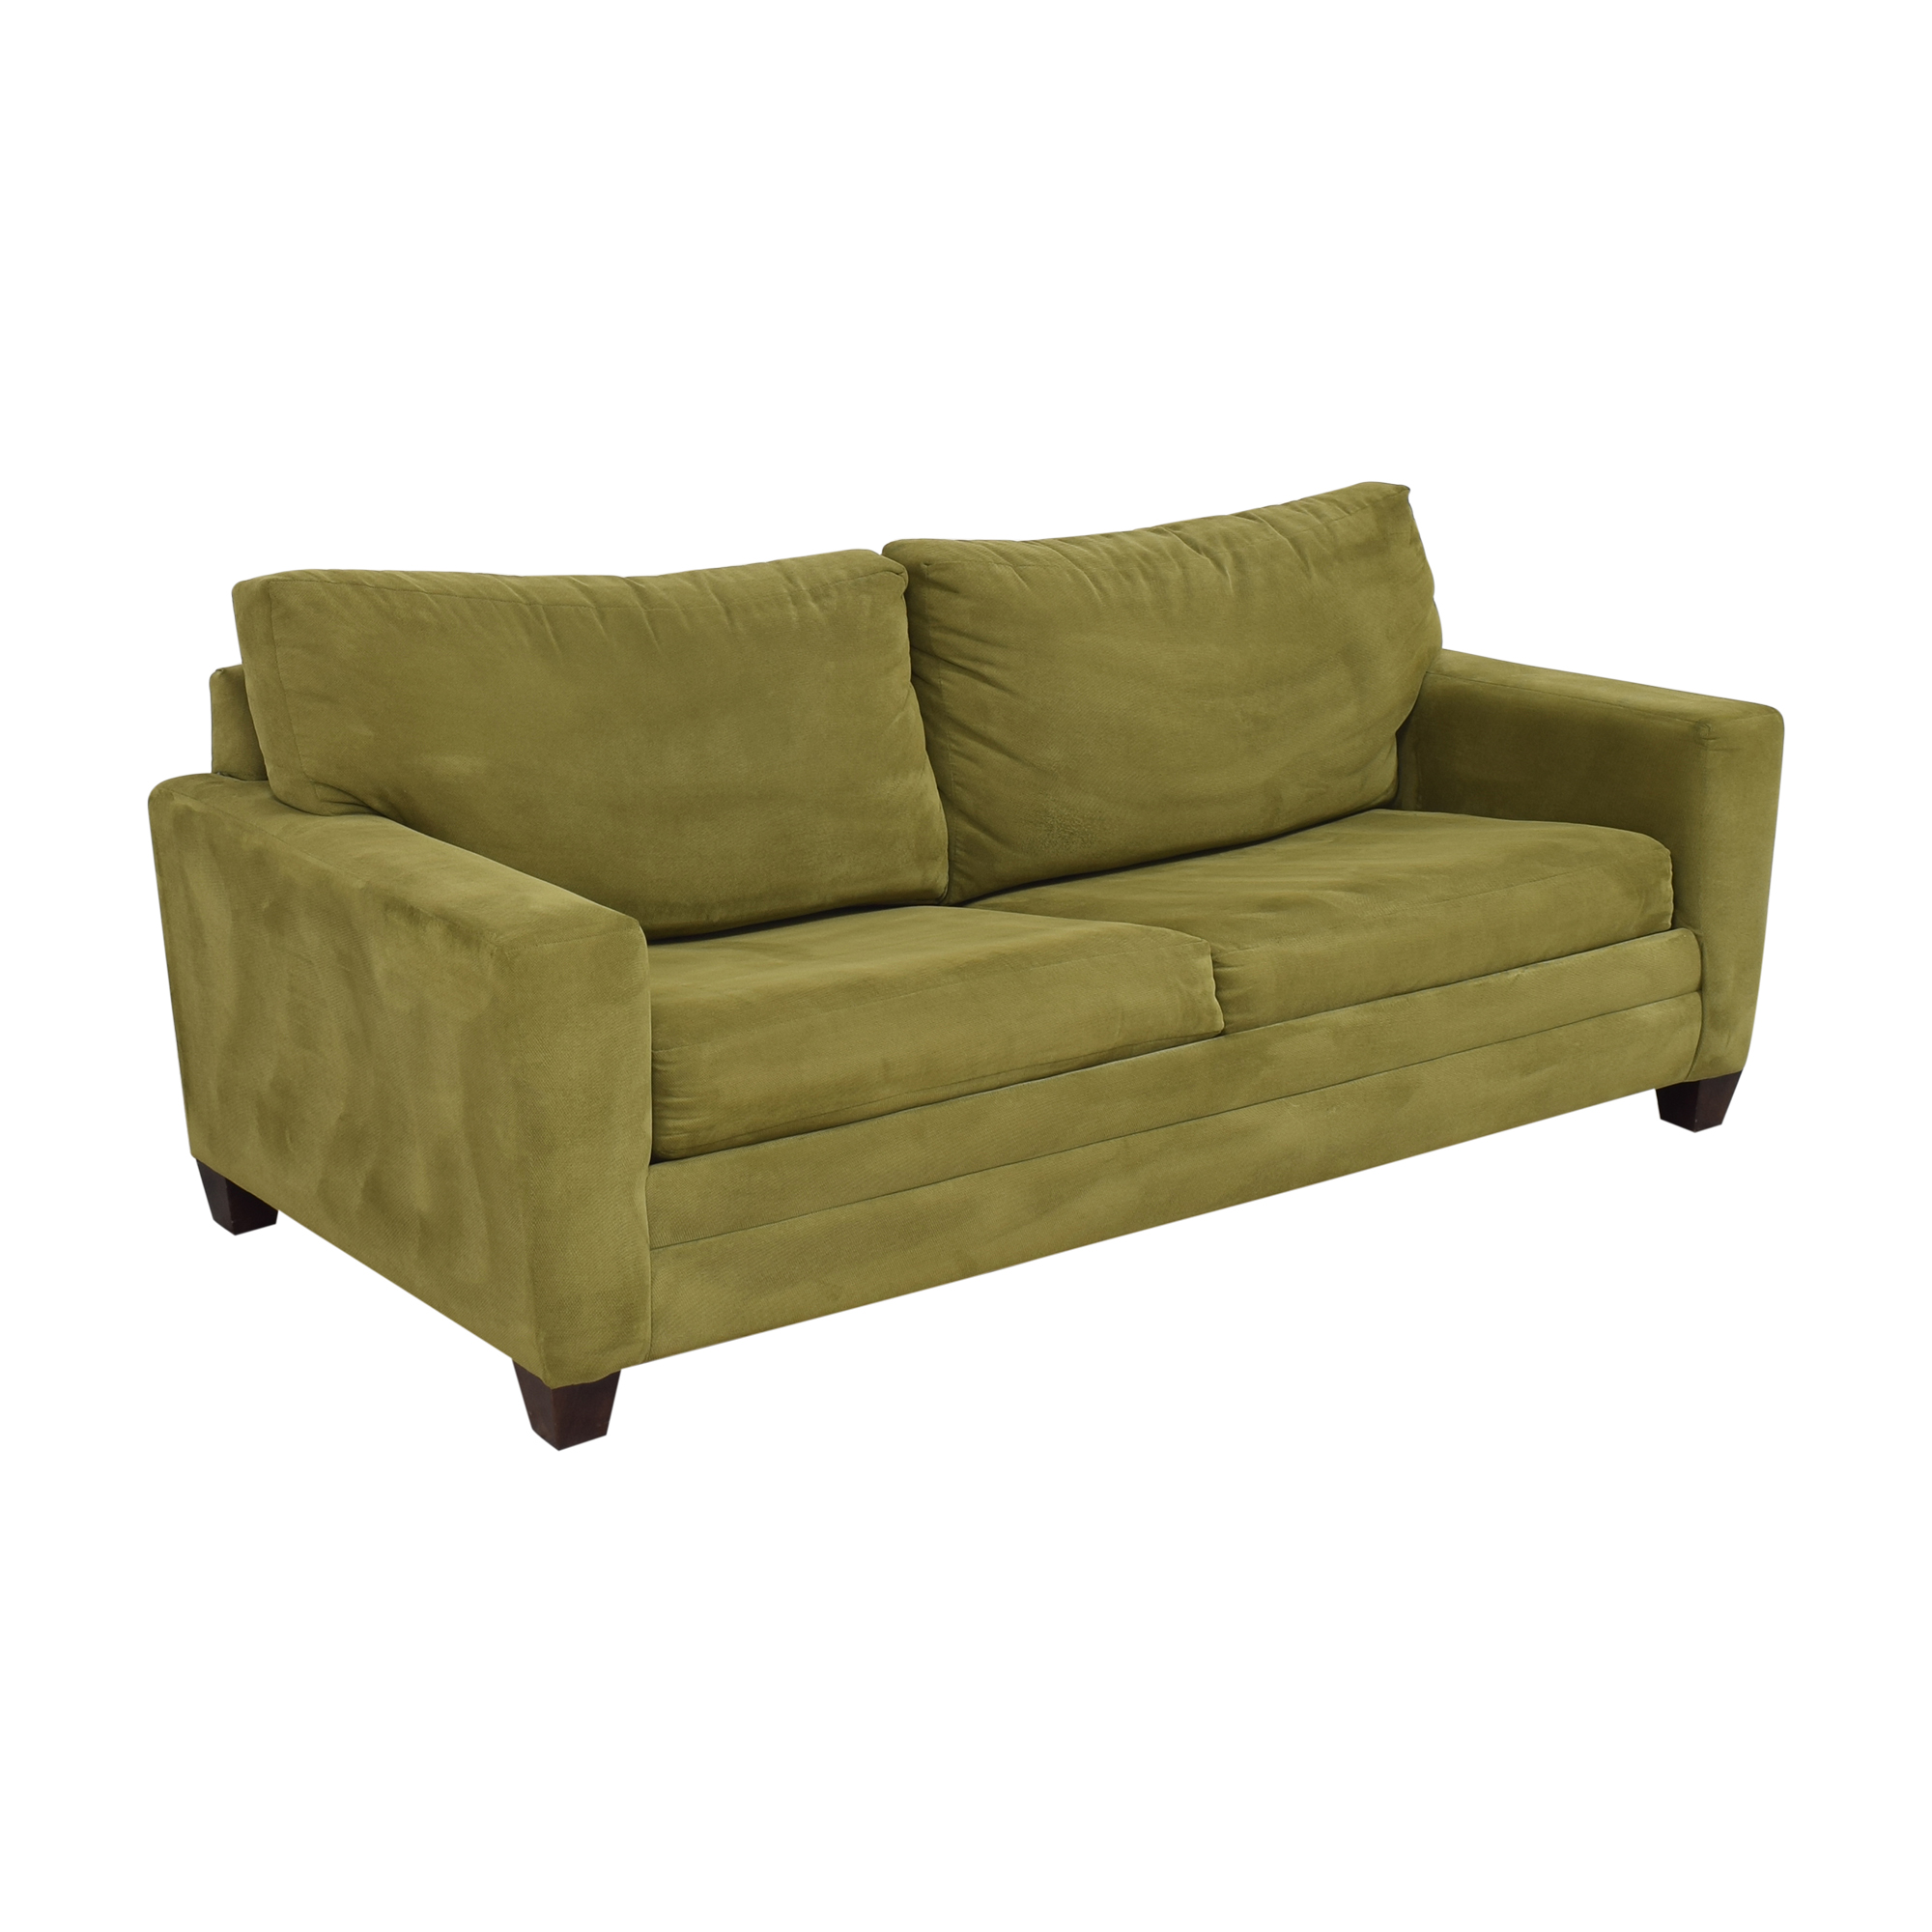 Bassett Furniture Bassett Furniture Queen Sleeper Sofa pa